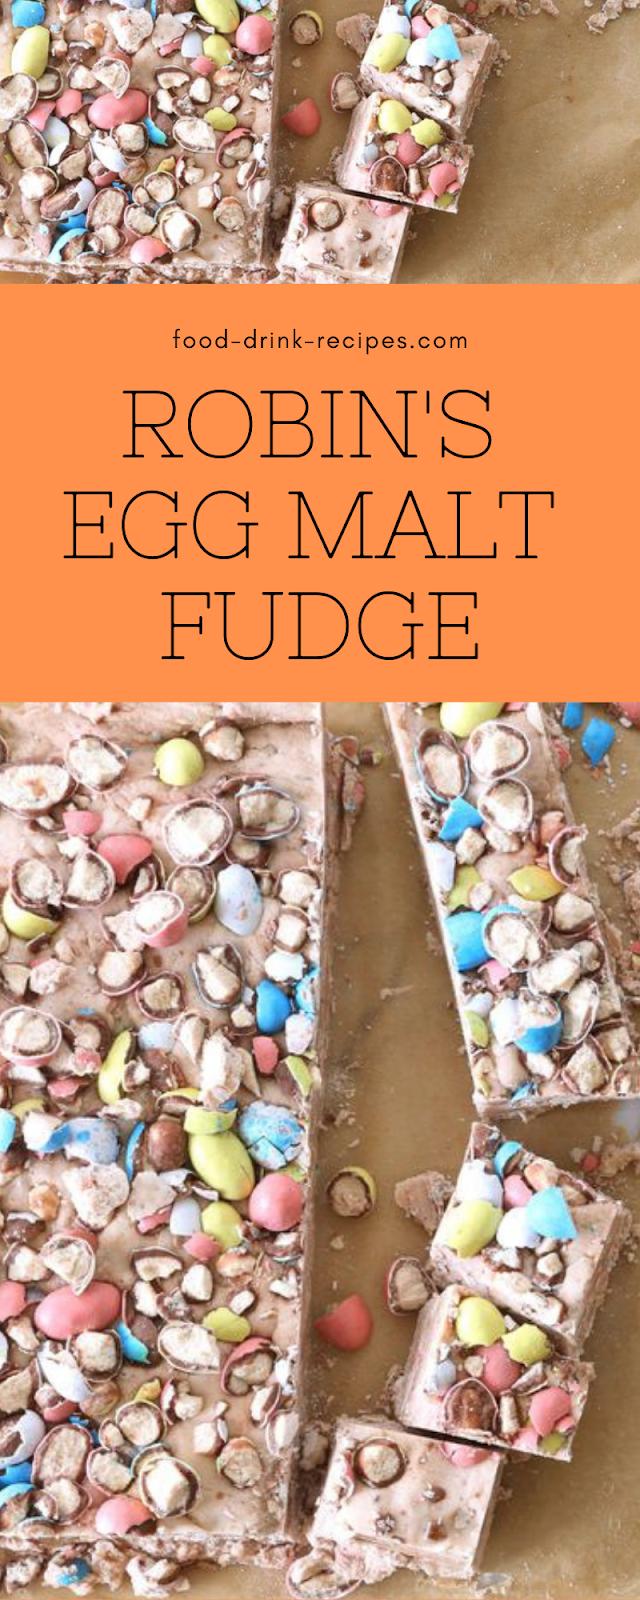 Robin's Egg Malt Fudge - food-drink-recipes.com